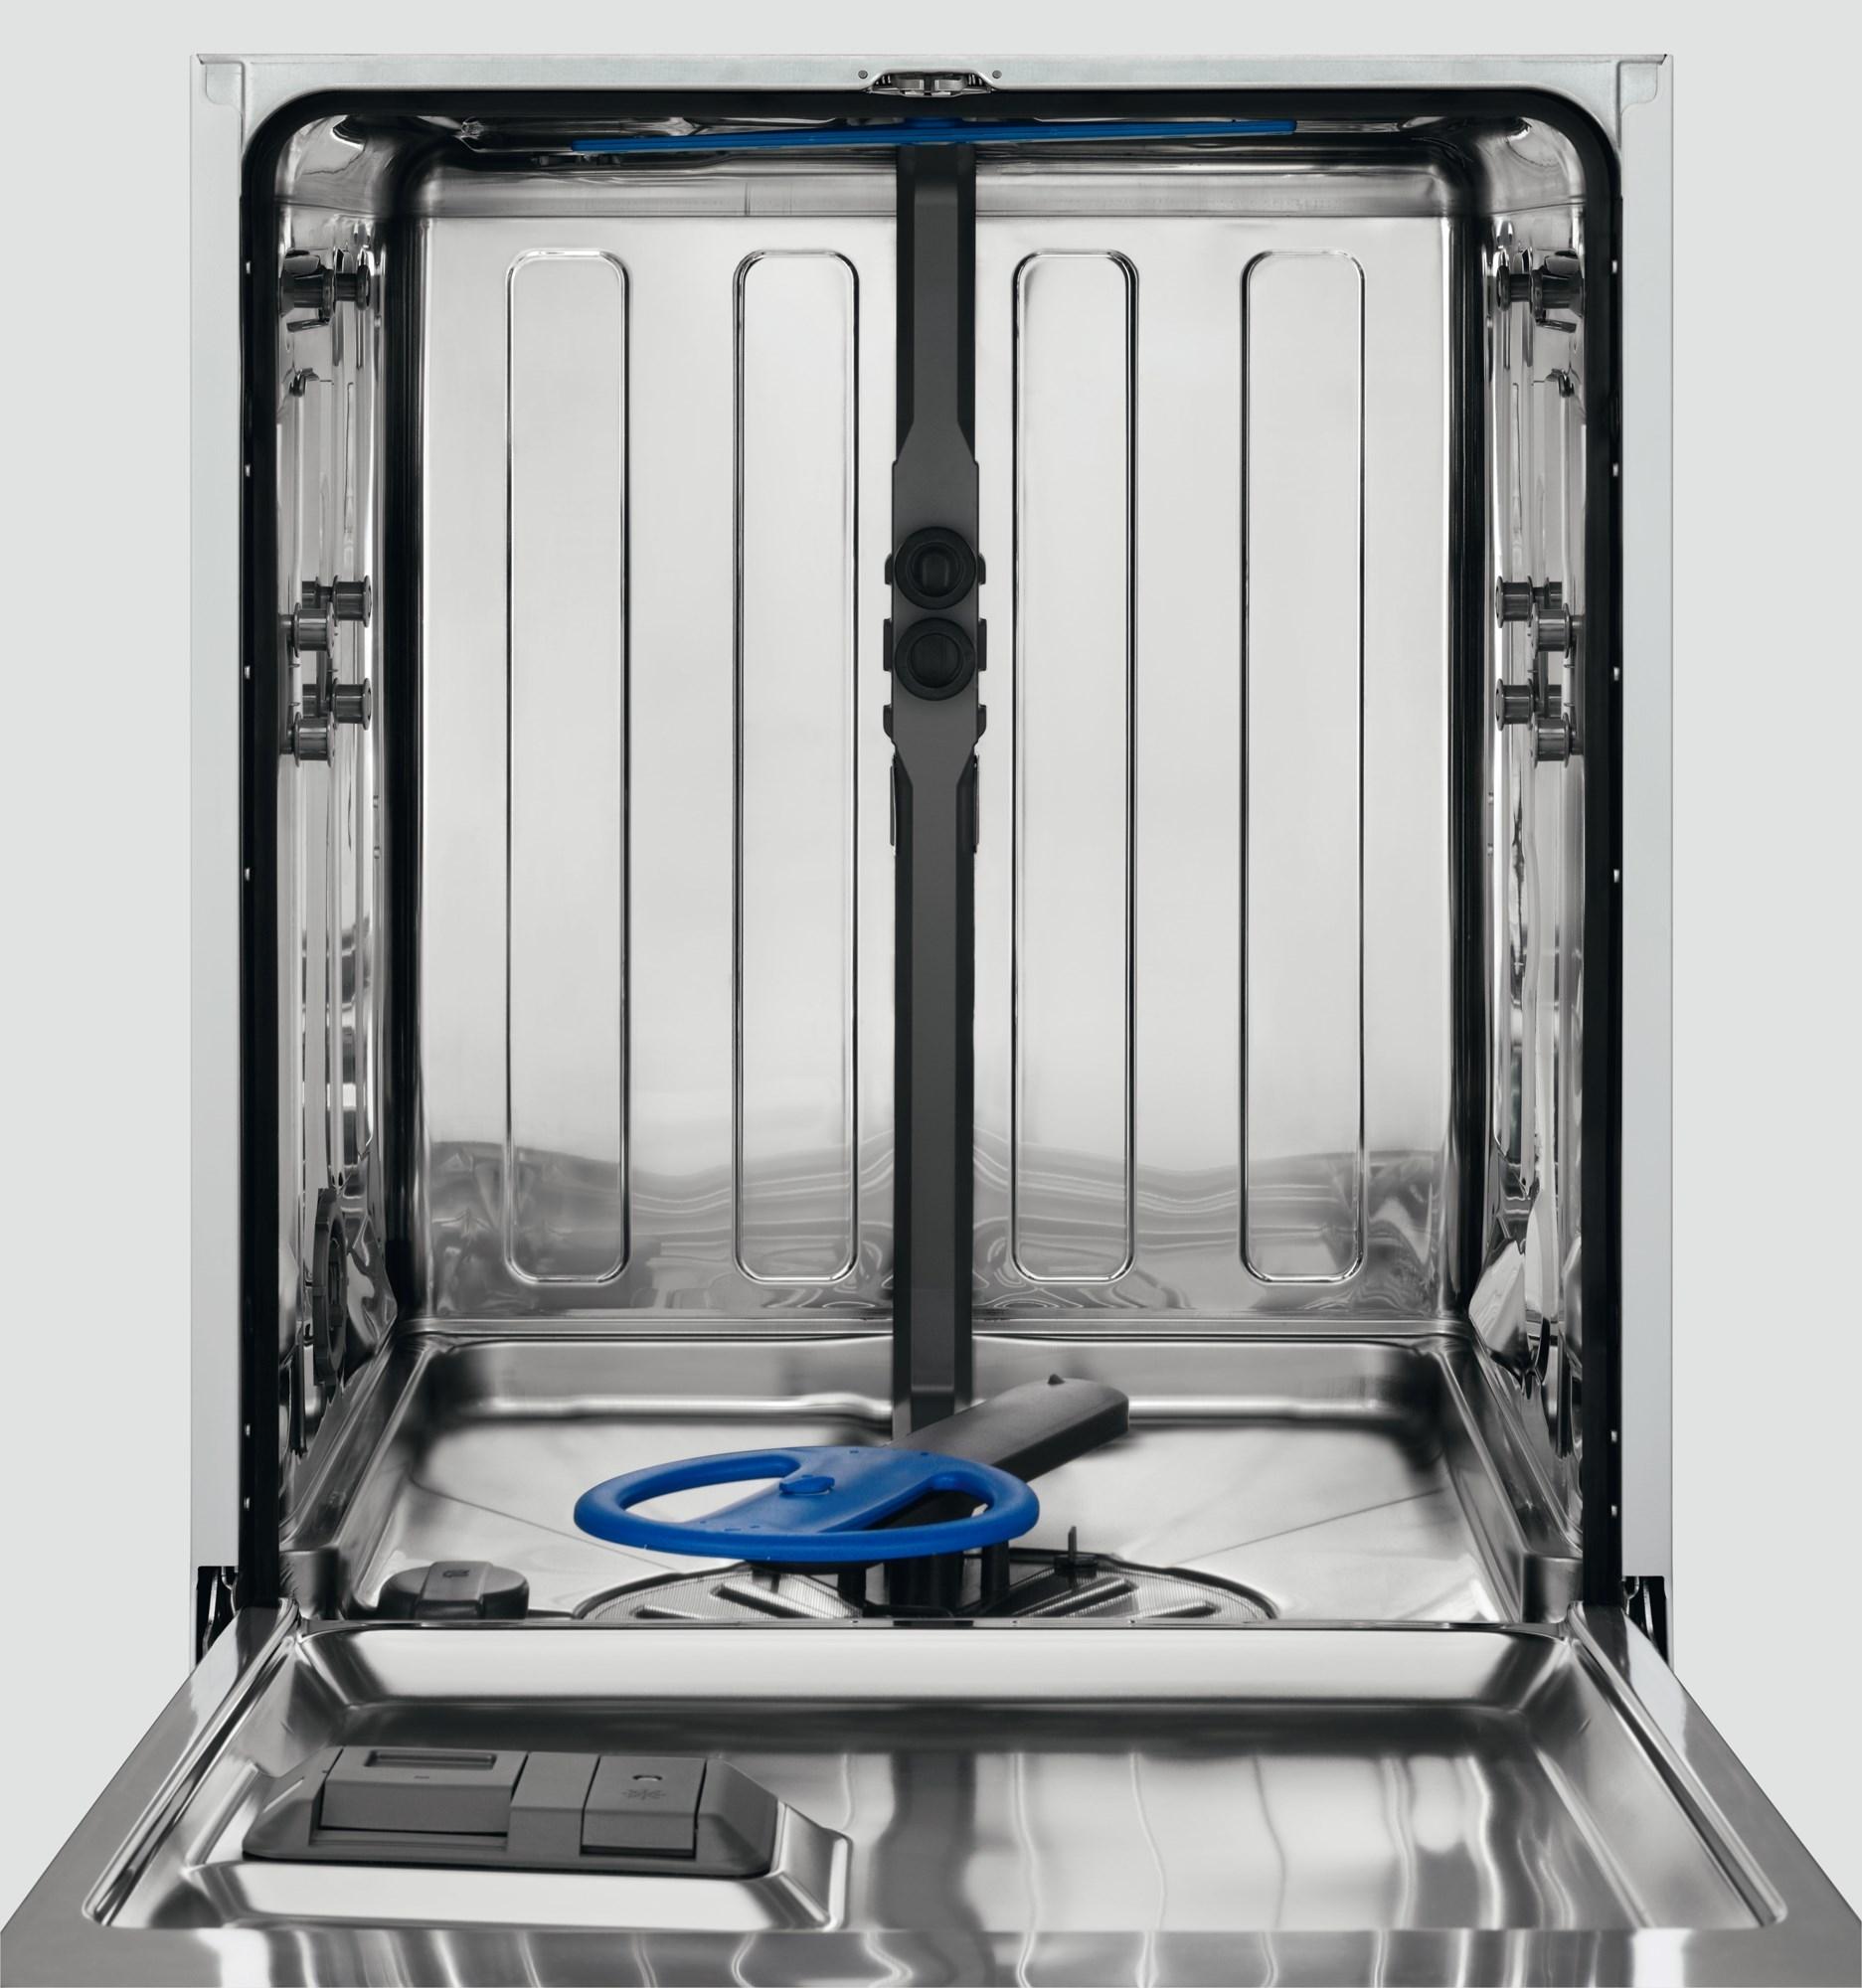 Lavastoviglie Electrolux Ad Incasso Modello Tt803r3 Elettrodomestici A Prezzi Scontati